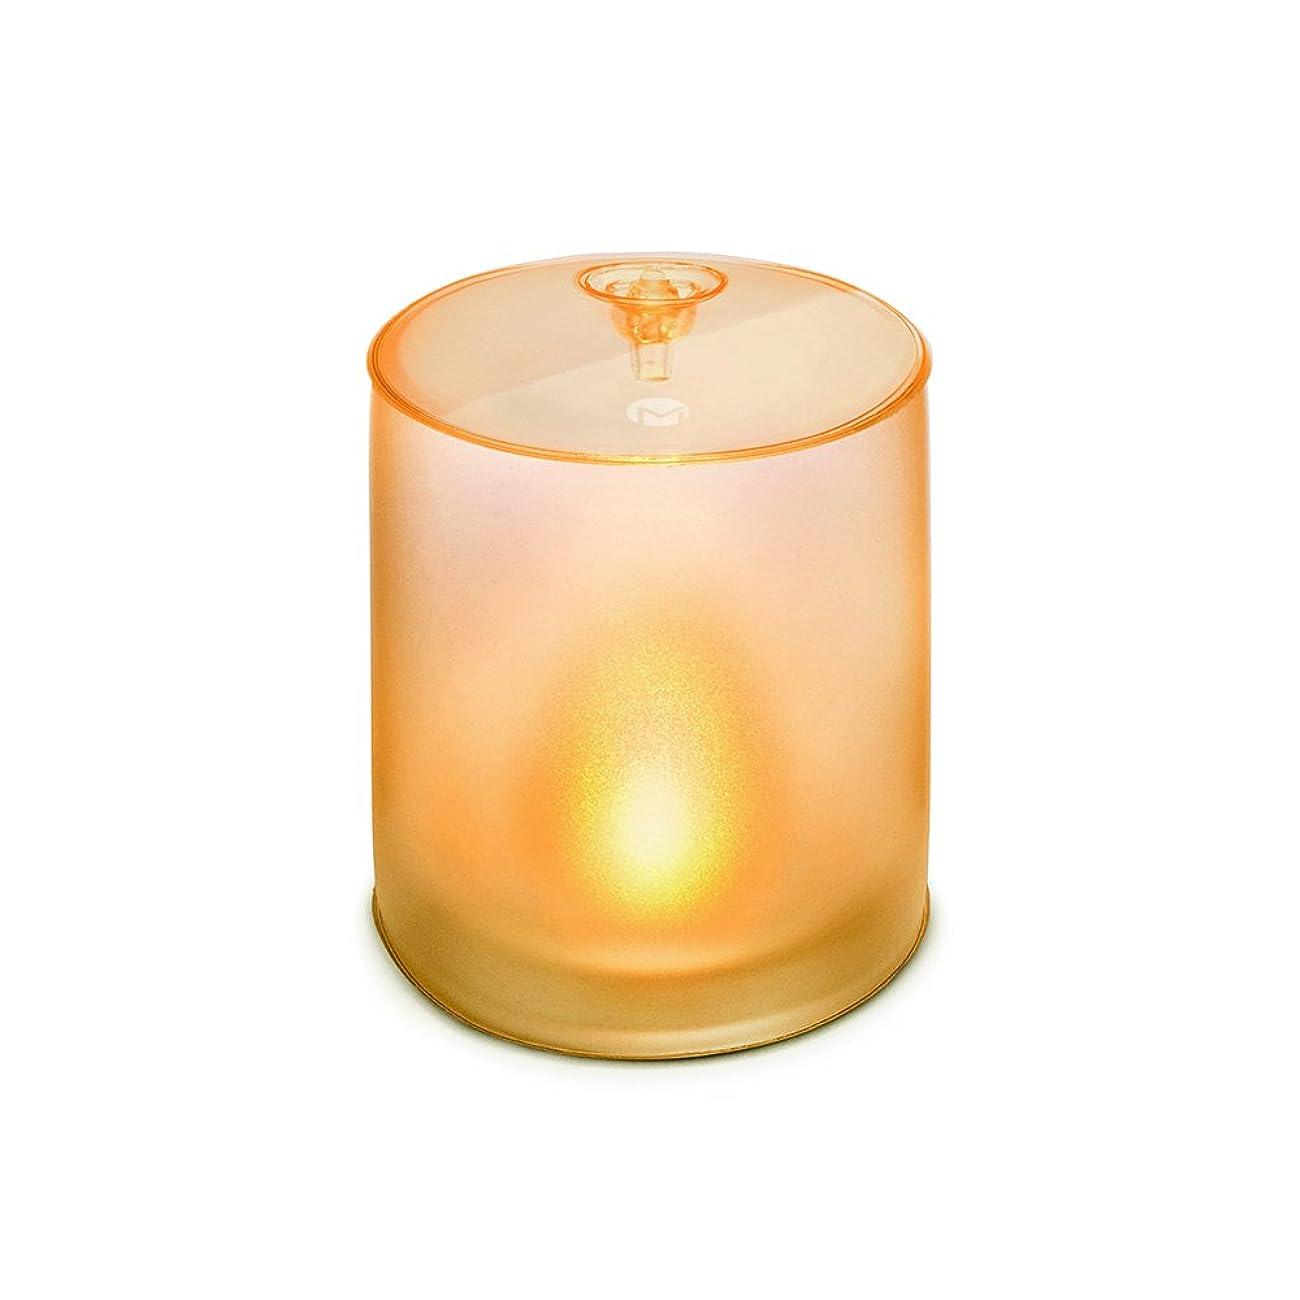 言語雄大な蒸発MPOWERD エムパワード キャンドル 空気で膨らむ ソーラーライト こはく色 の ゆらぎ の 灯り